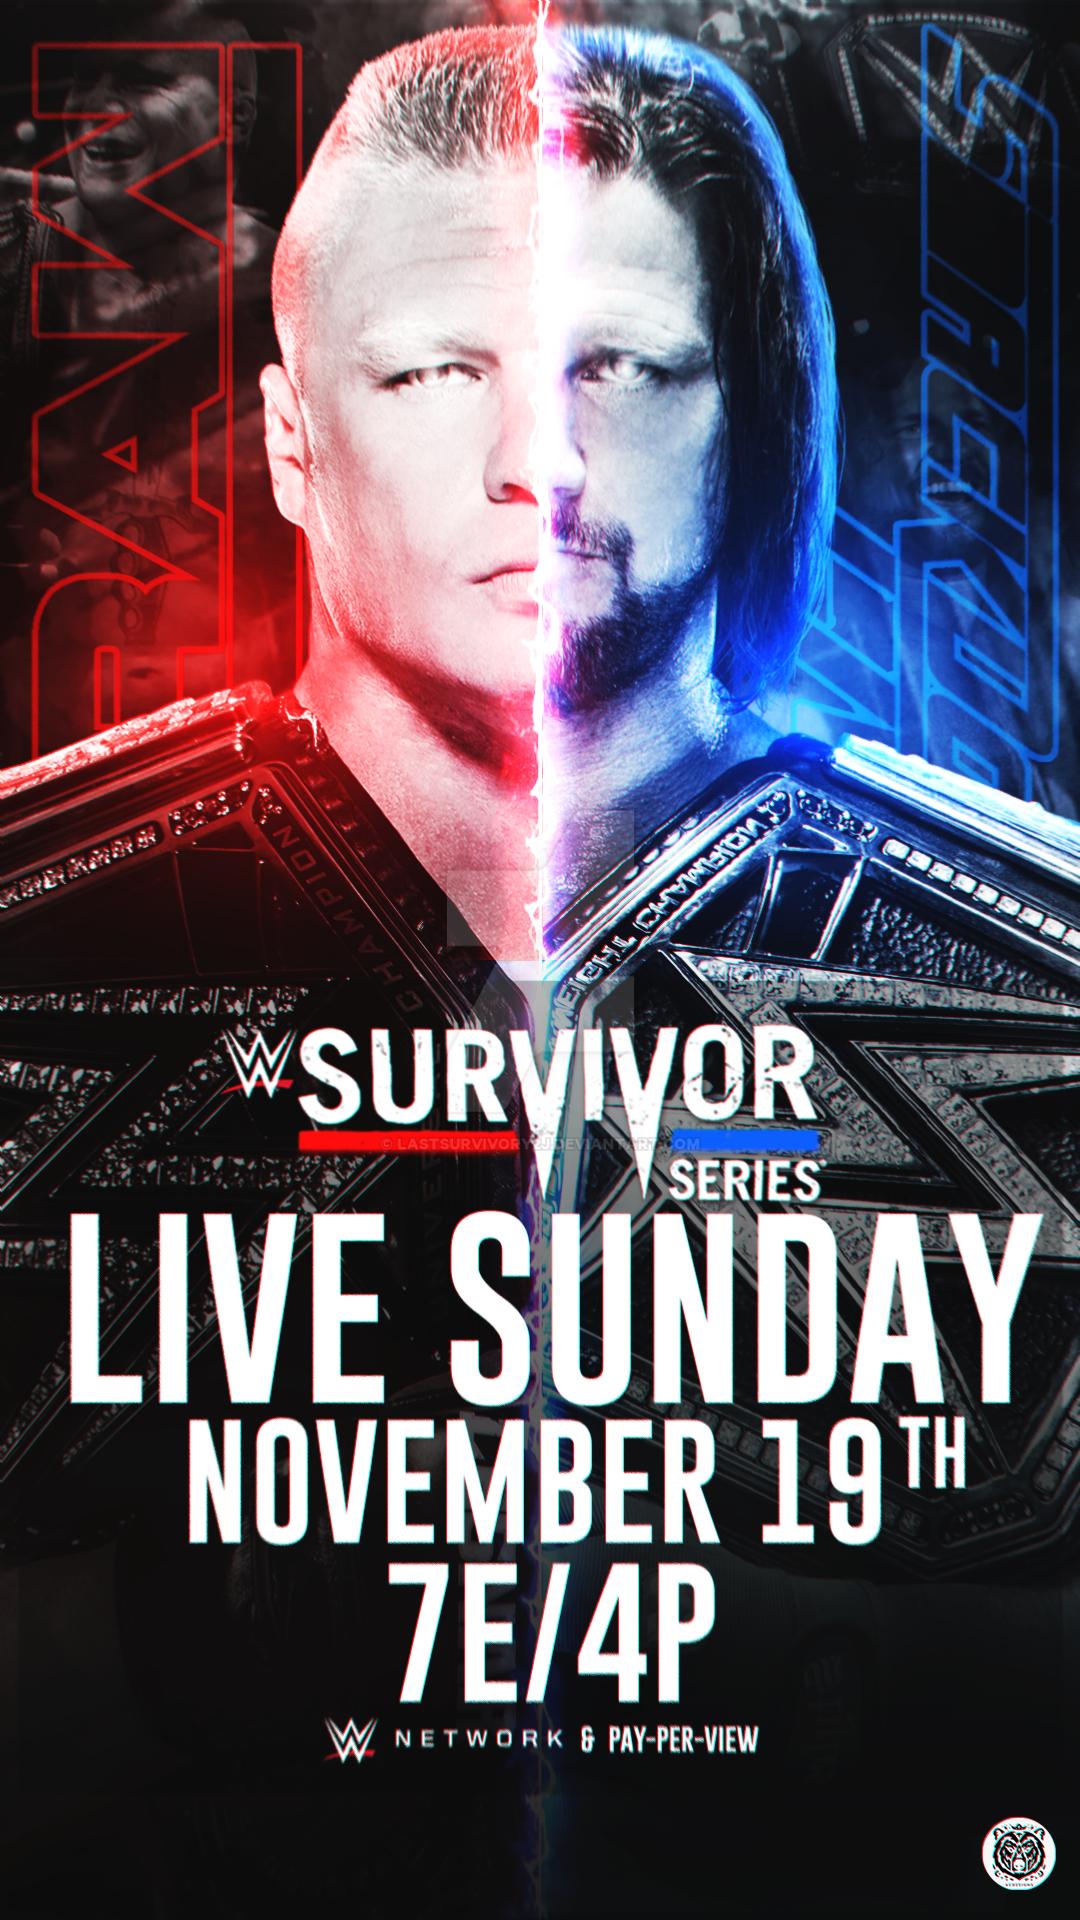 Survivor Series 2017 Custom Poster by LastSurvivorY2J